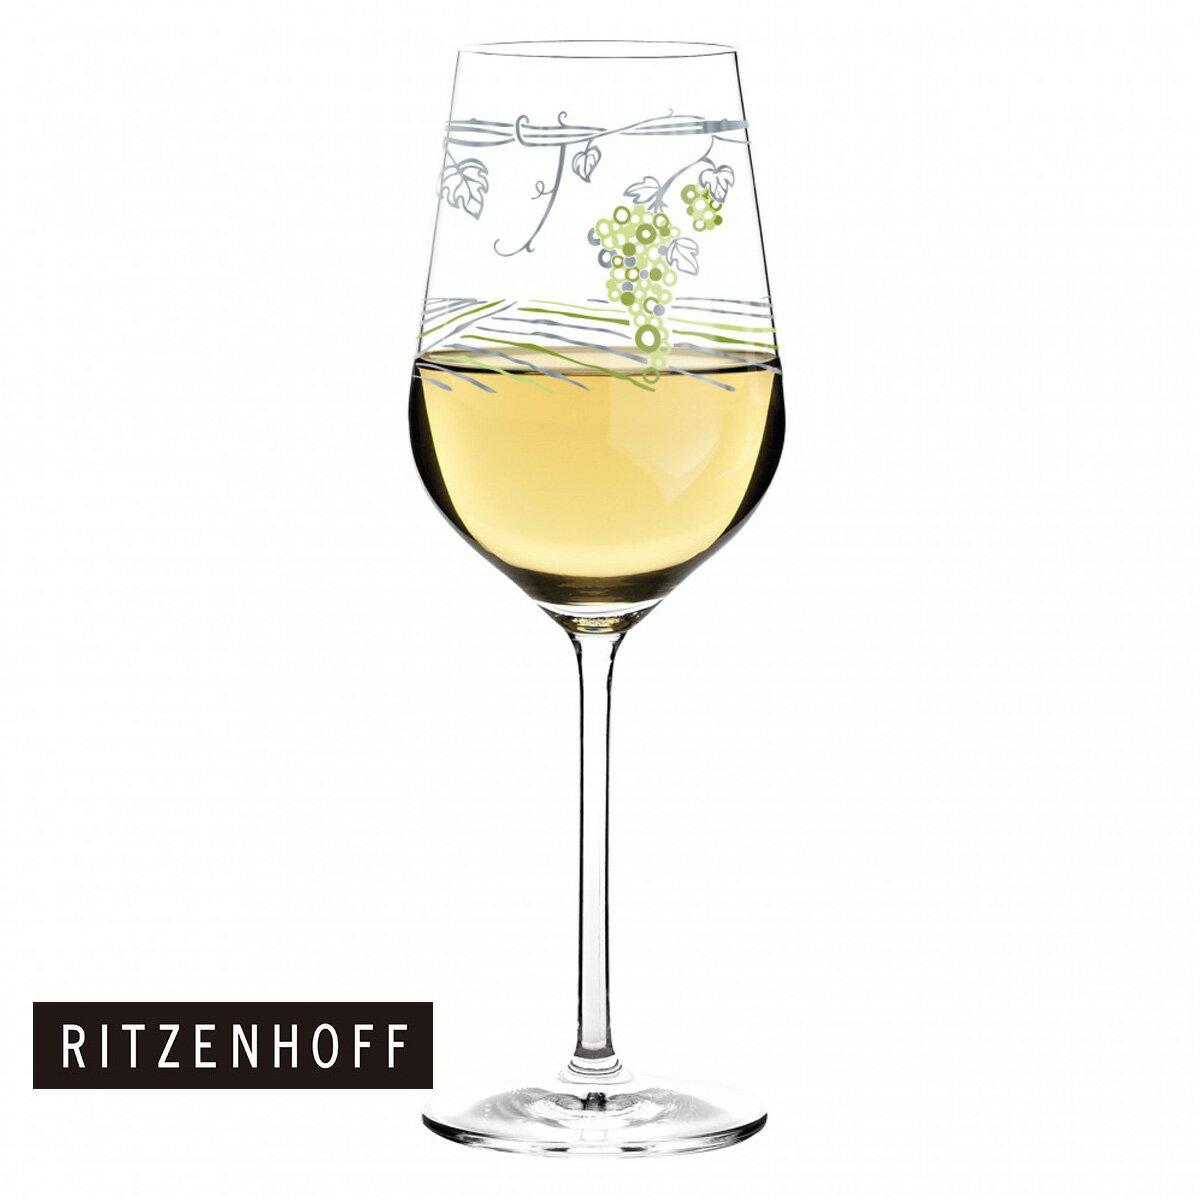 【ポイント20倍】RITZENHOFF リッツェンホフ WINE WHITE ワイン ホワイト ワイングラス (83010019-Virginia Romo )グラス 白ワイン プレゼント 贈り物 ギフト ブライダルギフト【限定数】